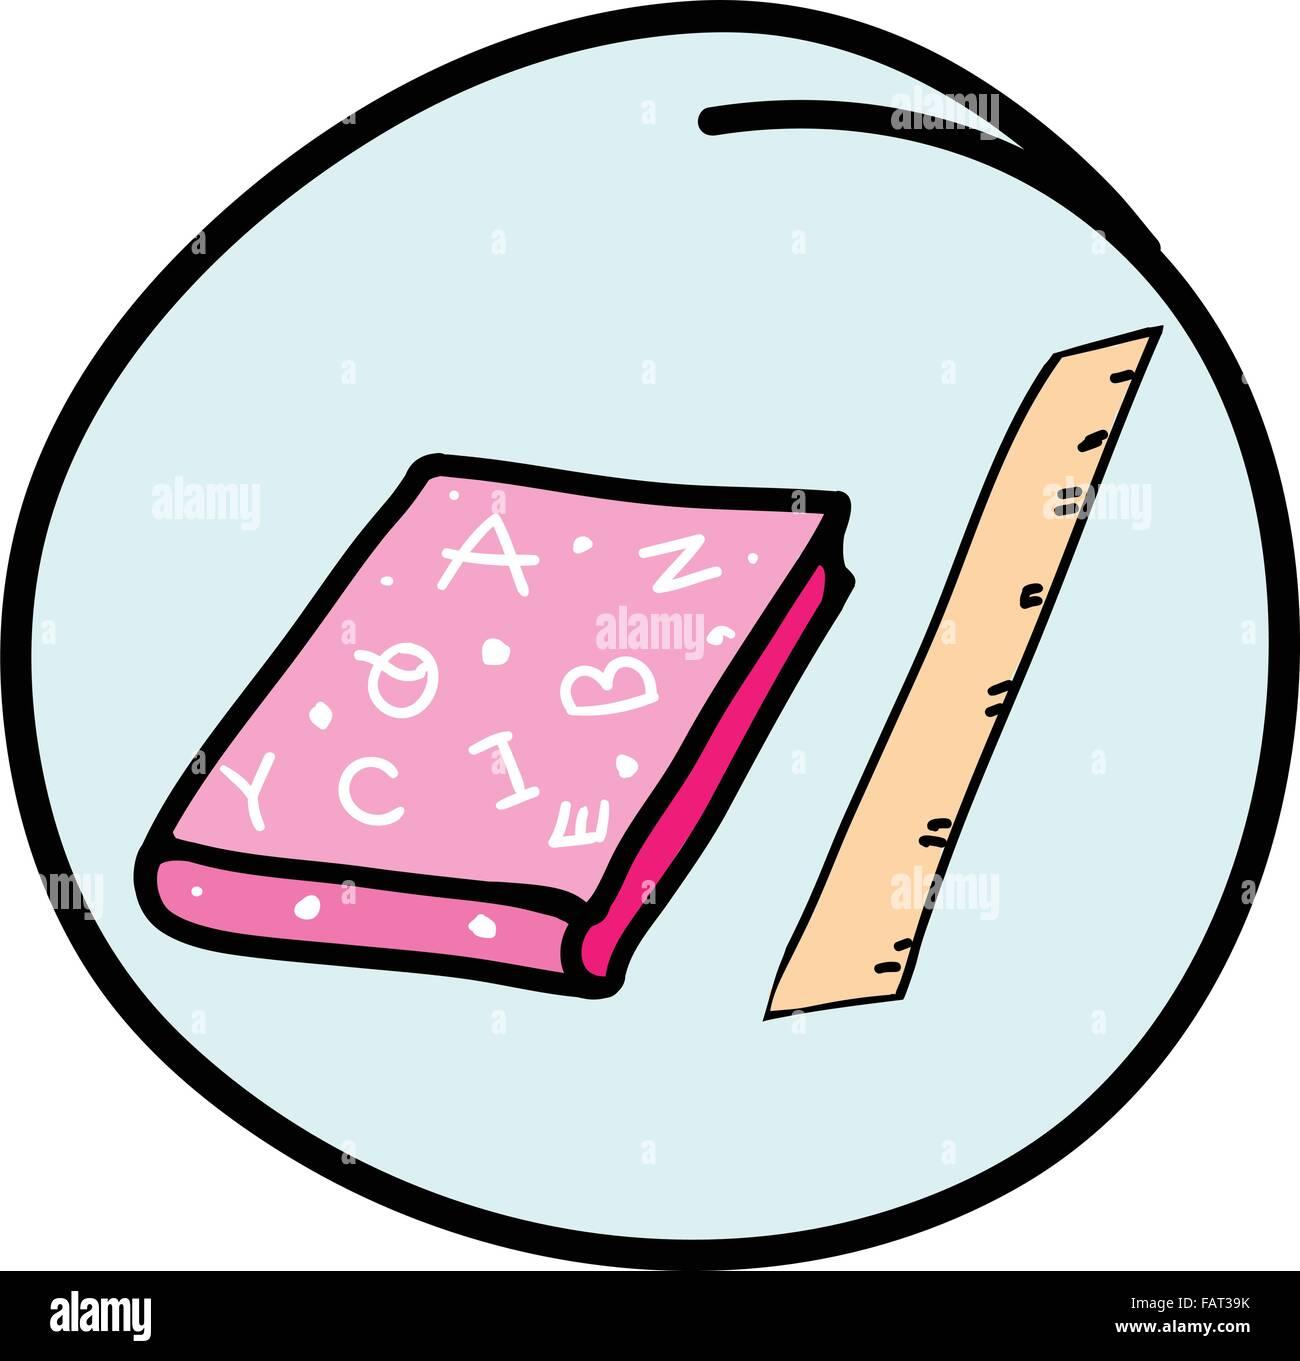 c8.alamy.com/compde/fat39k/burobedarf-eine-cartoon...